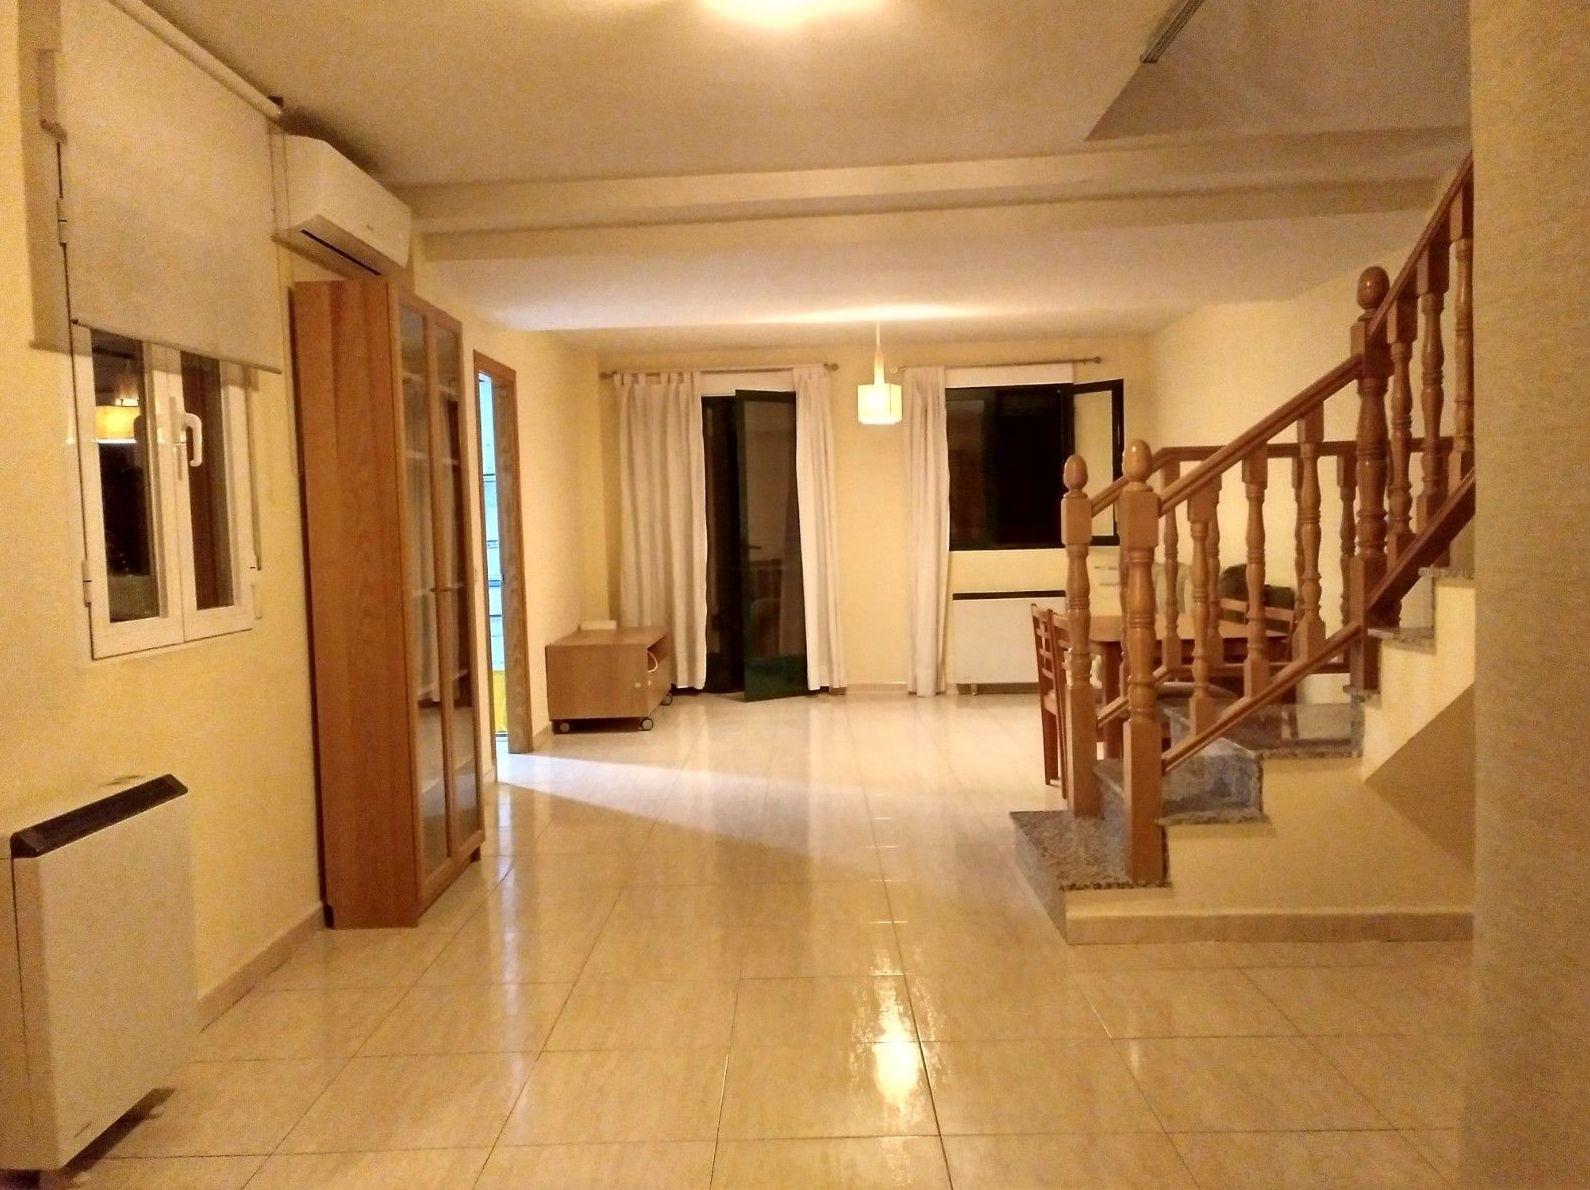 Duplex en Santa Barbara de 125m2: Inmuebles de Inmobiliaria La Montañesa